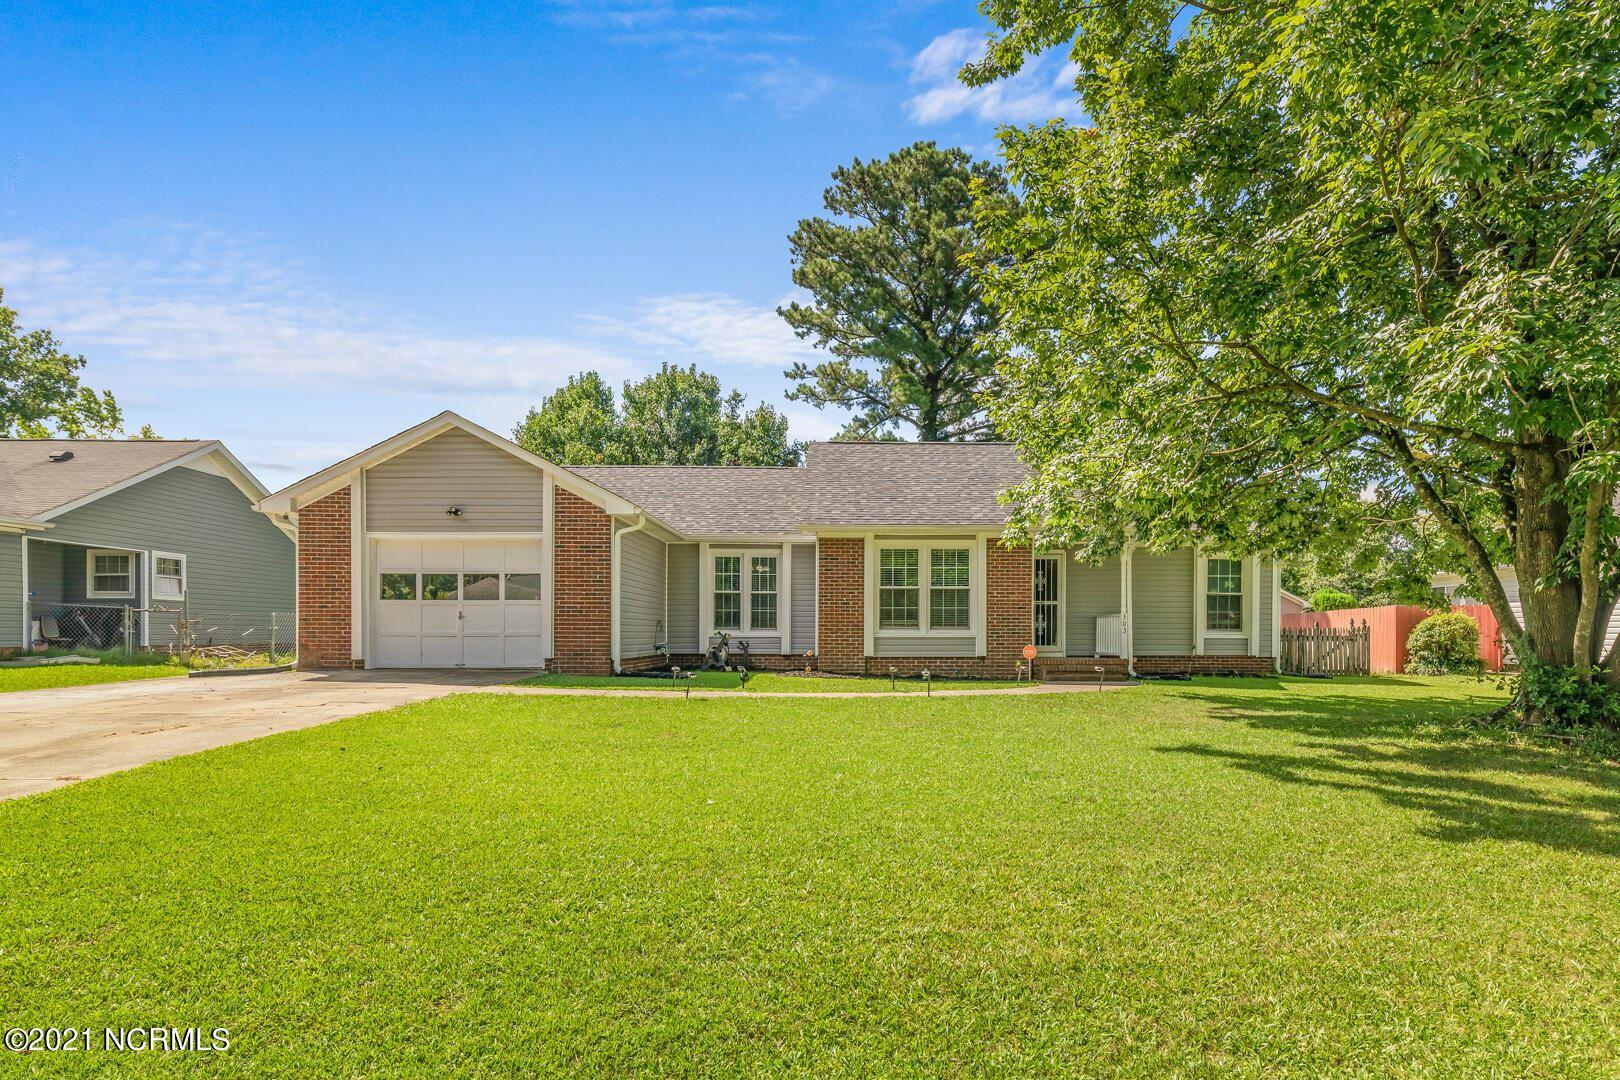 Photo of 303 Raintree Road, Jacksonville, NC 28540 (MLS # 100279757)